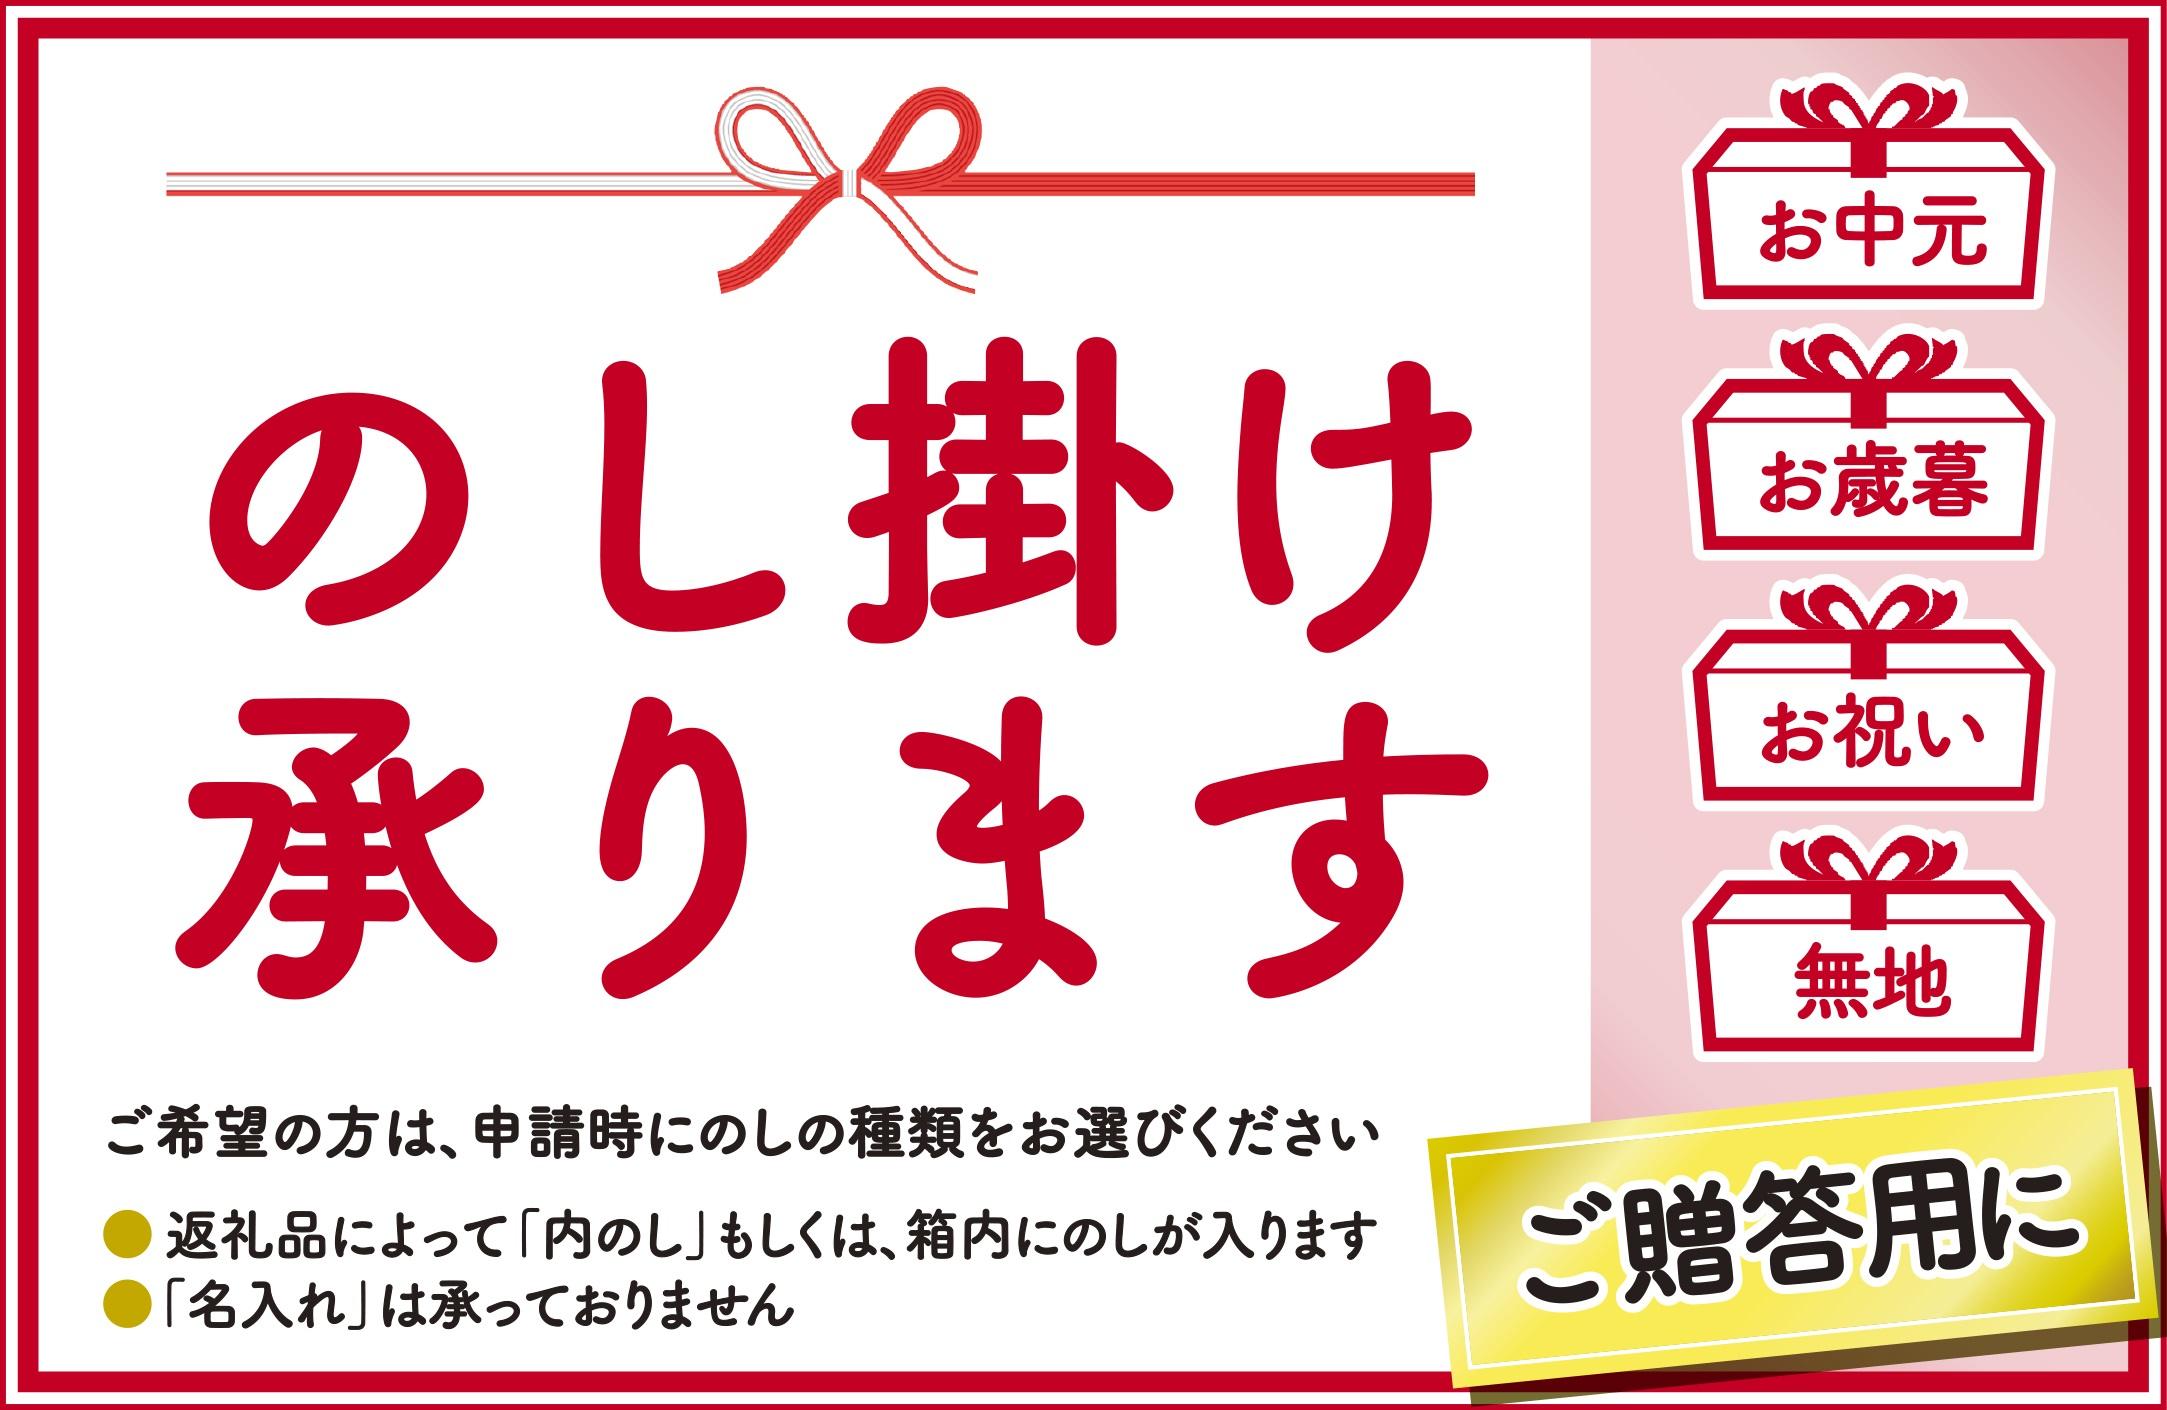 【新型コロナ被害支援】ぷりんのこころ【2種類×3組】